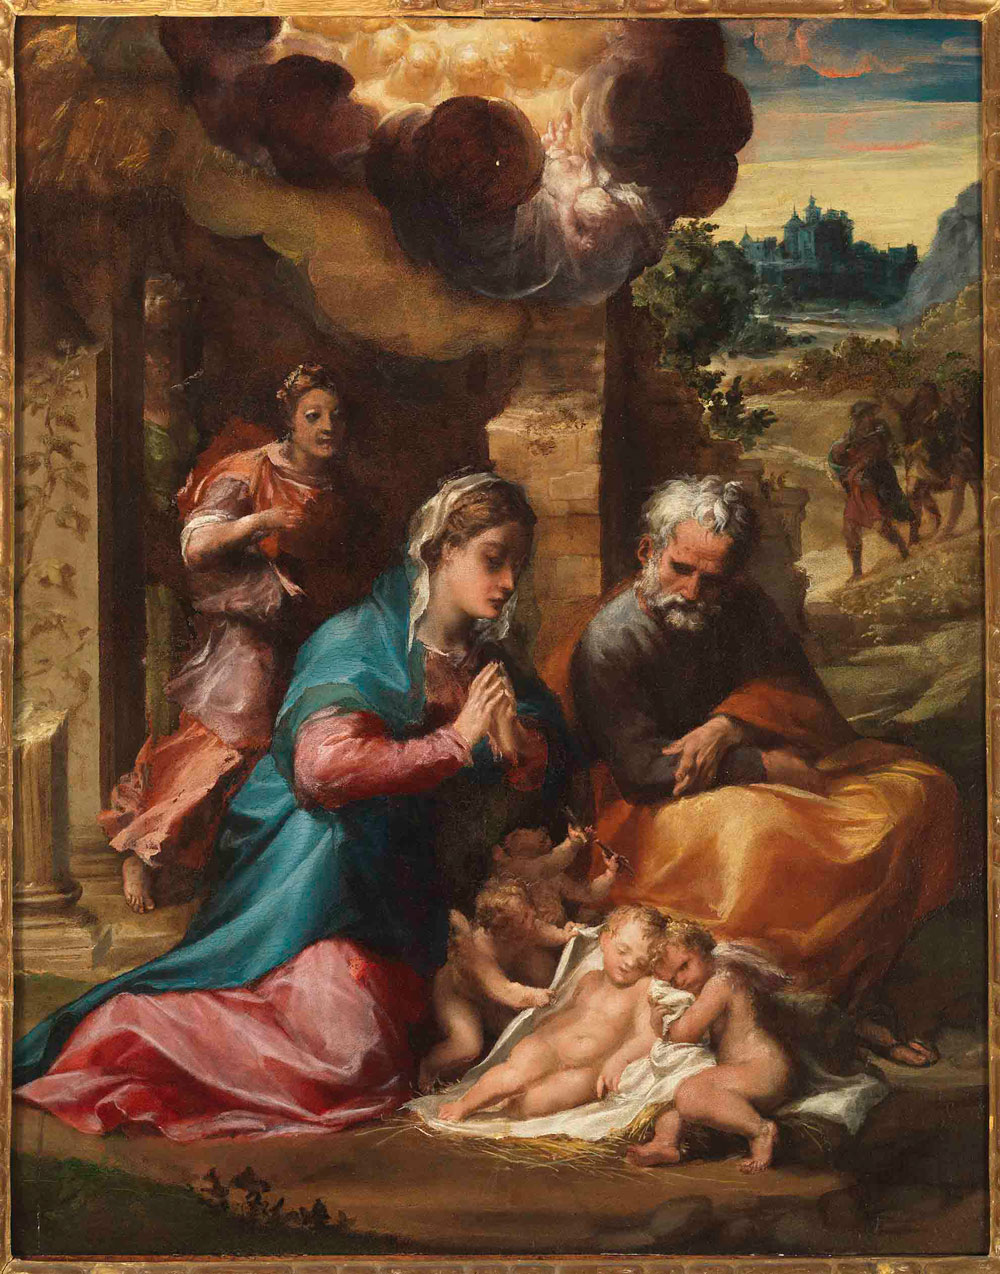 L'Adorazione del Bambino restaurata di Michelangelo Anselmi in mostra a Milano